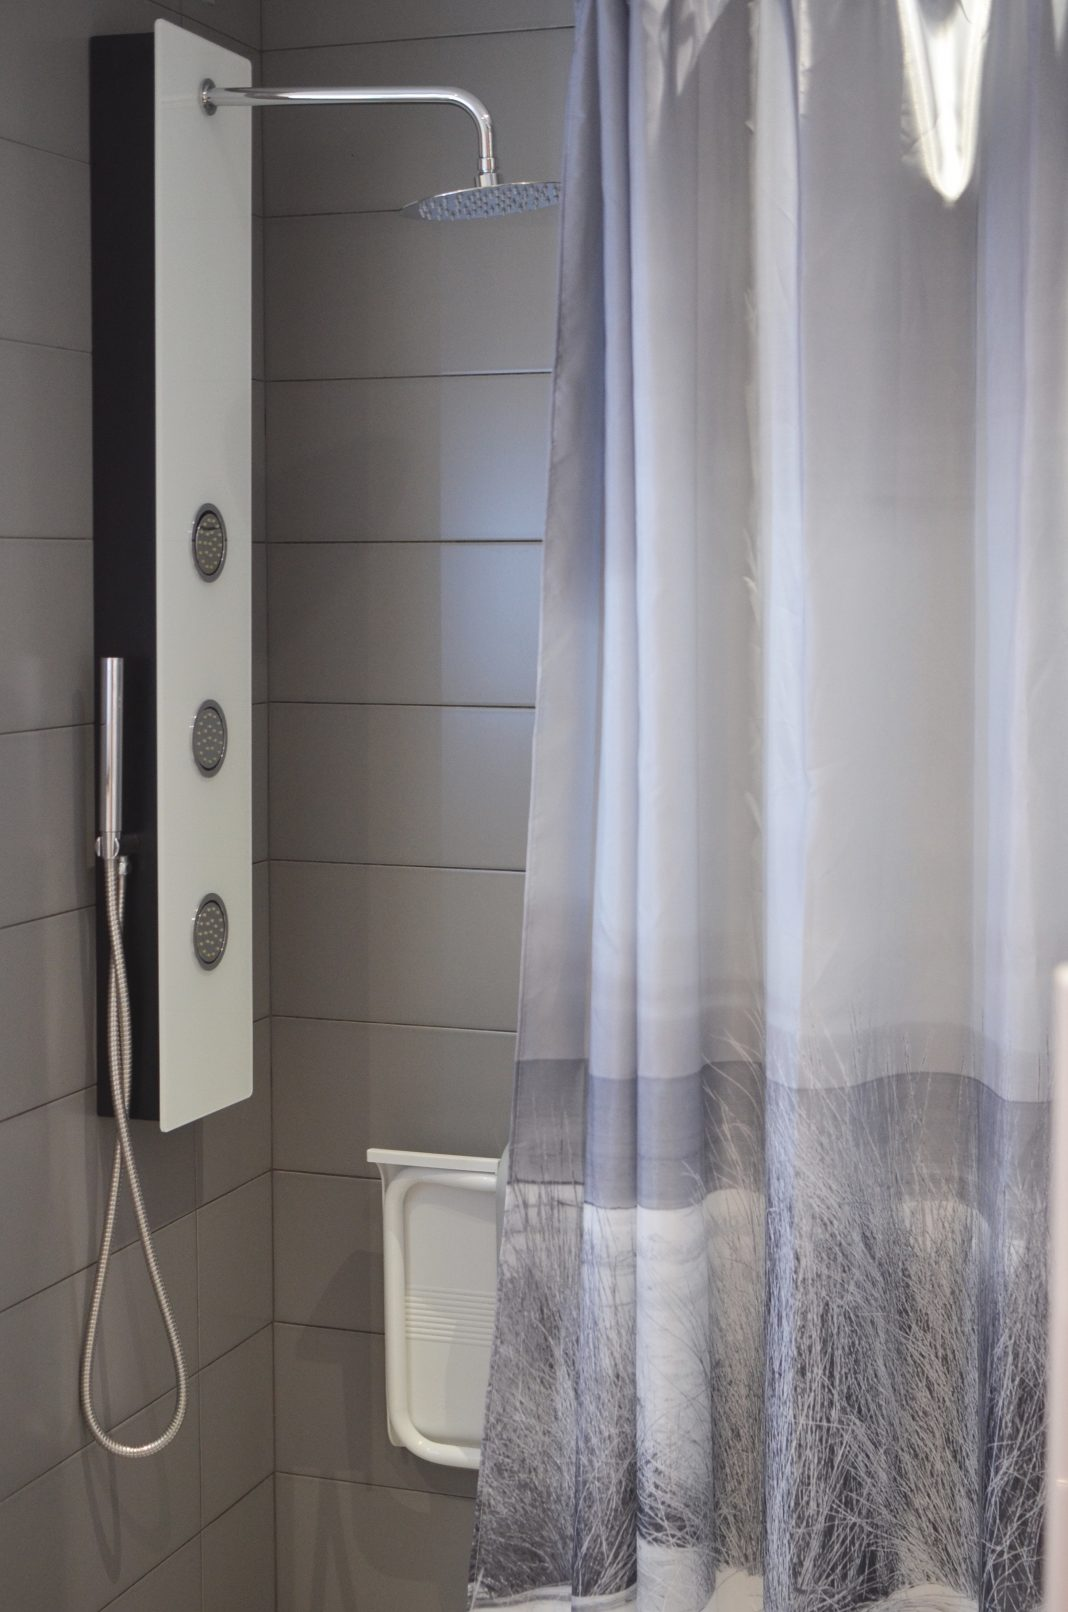 standart shower curtain size